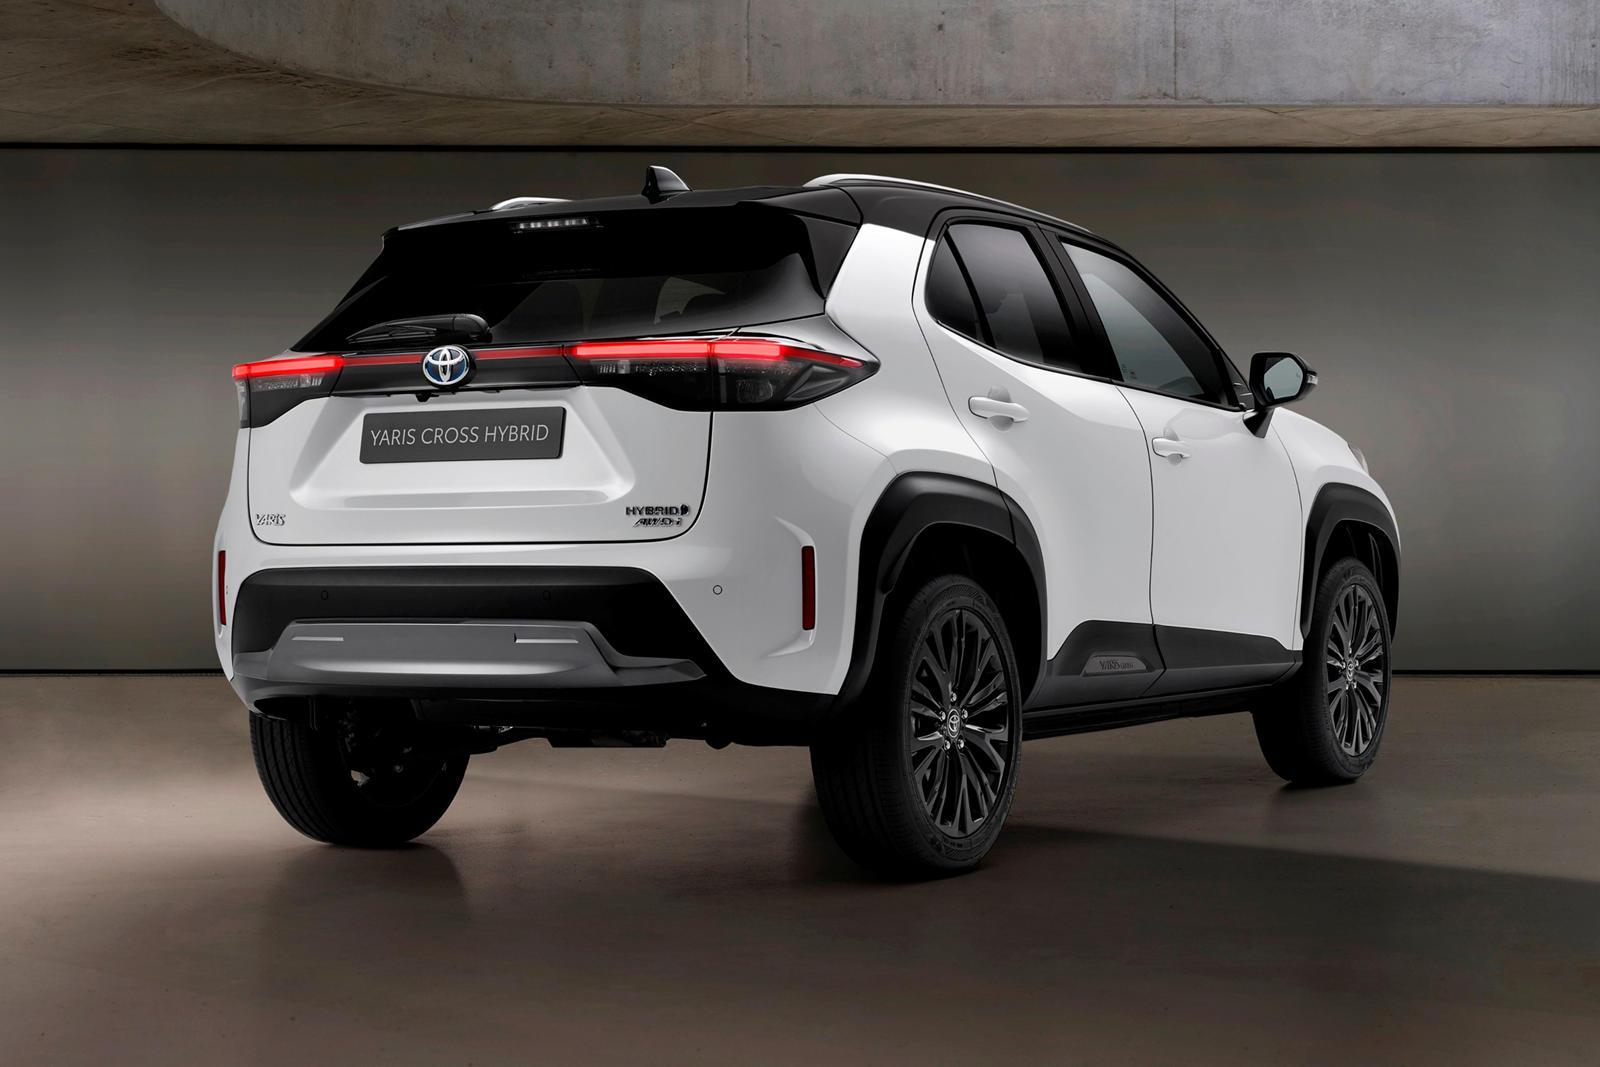 По словам Toyota, внутри он имеет черную отделку рояльного лака, черную обшивку потолка и прочные кожаные сиденья. В отличие от C-HR, который приводится в движение только 2,0-литровым четырехцилиндровым двигателем мощностью 144 лошадиных силы, Yaris